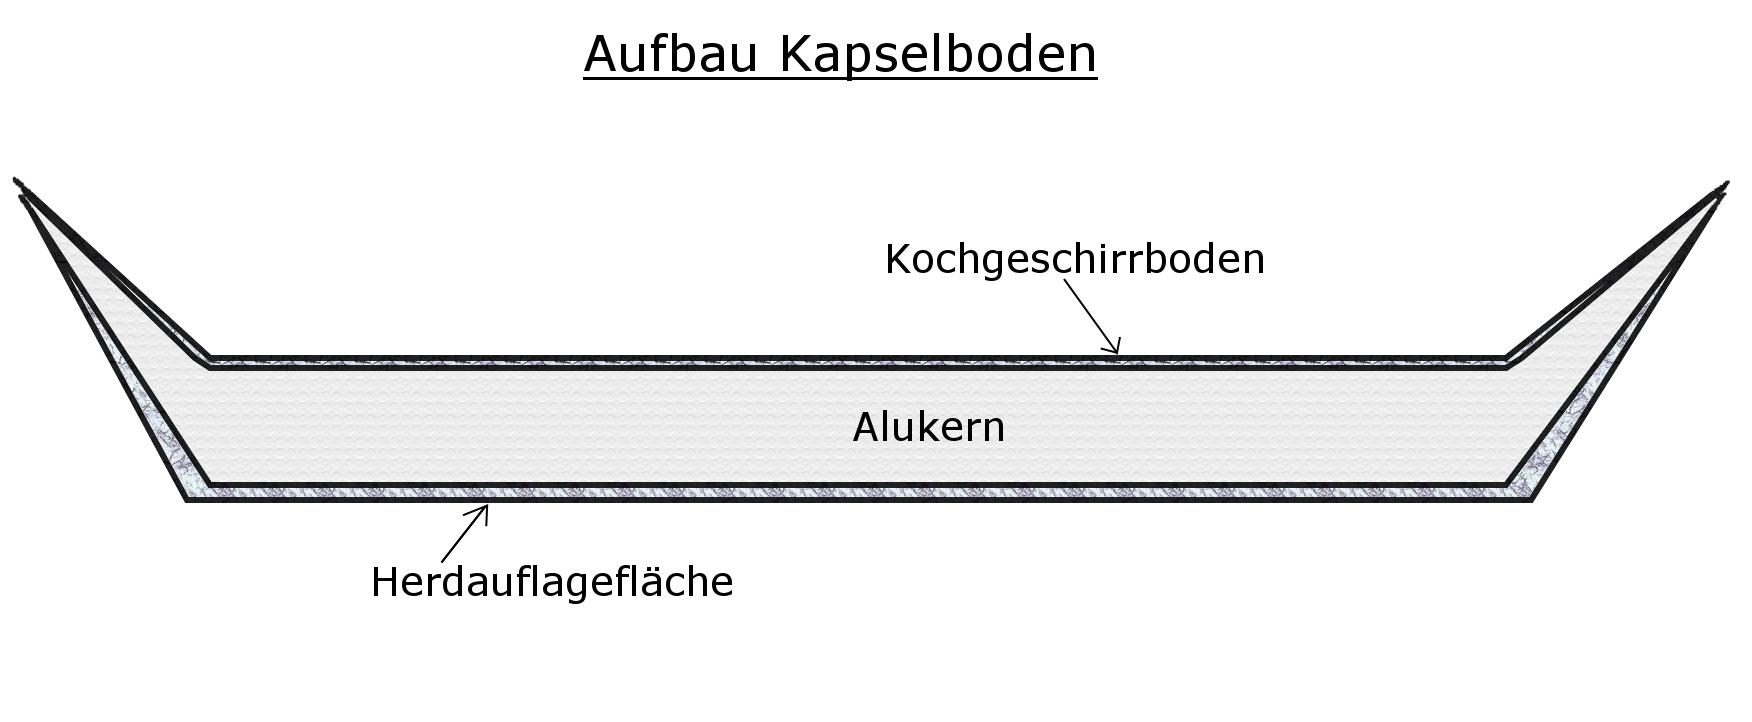 File:Schematische Darstellung Kapselboden.png - Wikimedia Commons